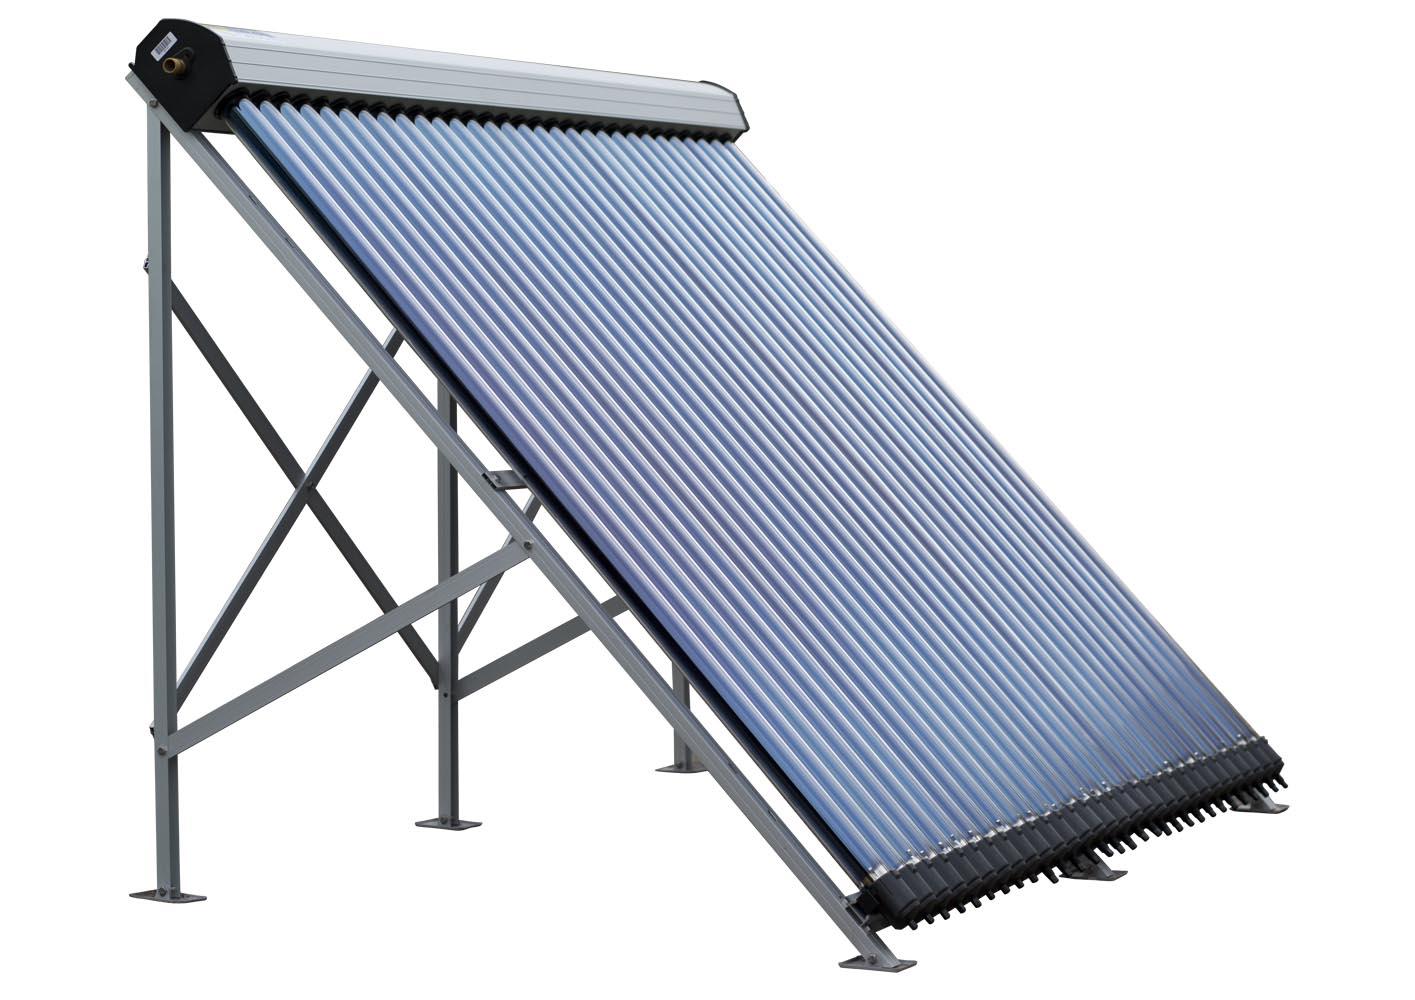 Купить солнечный теплообменник Пластинчатый теплообменник HISAKA LX-02 Улан-Удэ